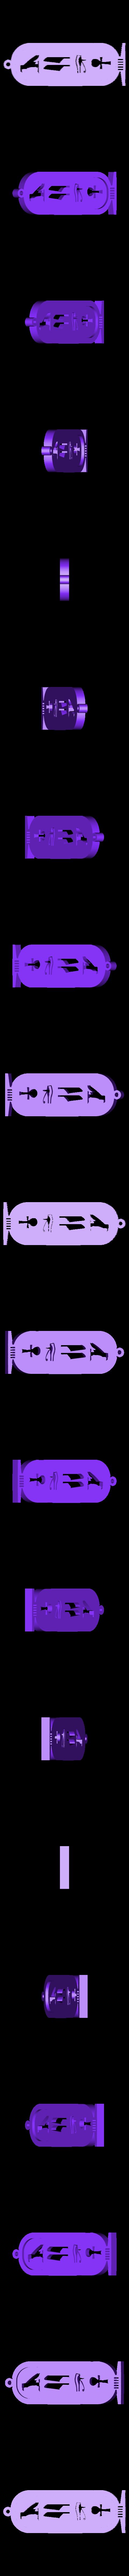 Ancient keychain.stl Télécharger fichier STL gratuit ANCIEN PORTE-CLÉS ÉGYPTIEN • Objet à imprimer en 3D, 3dprintlines